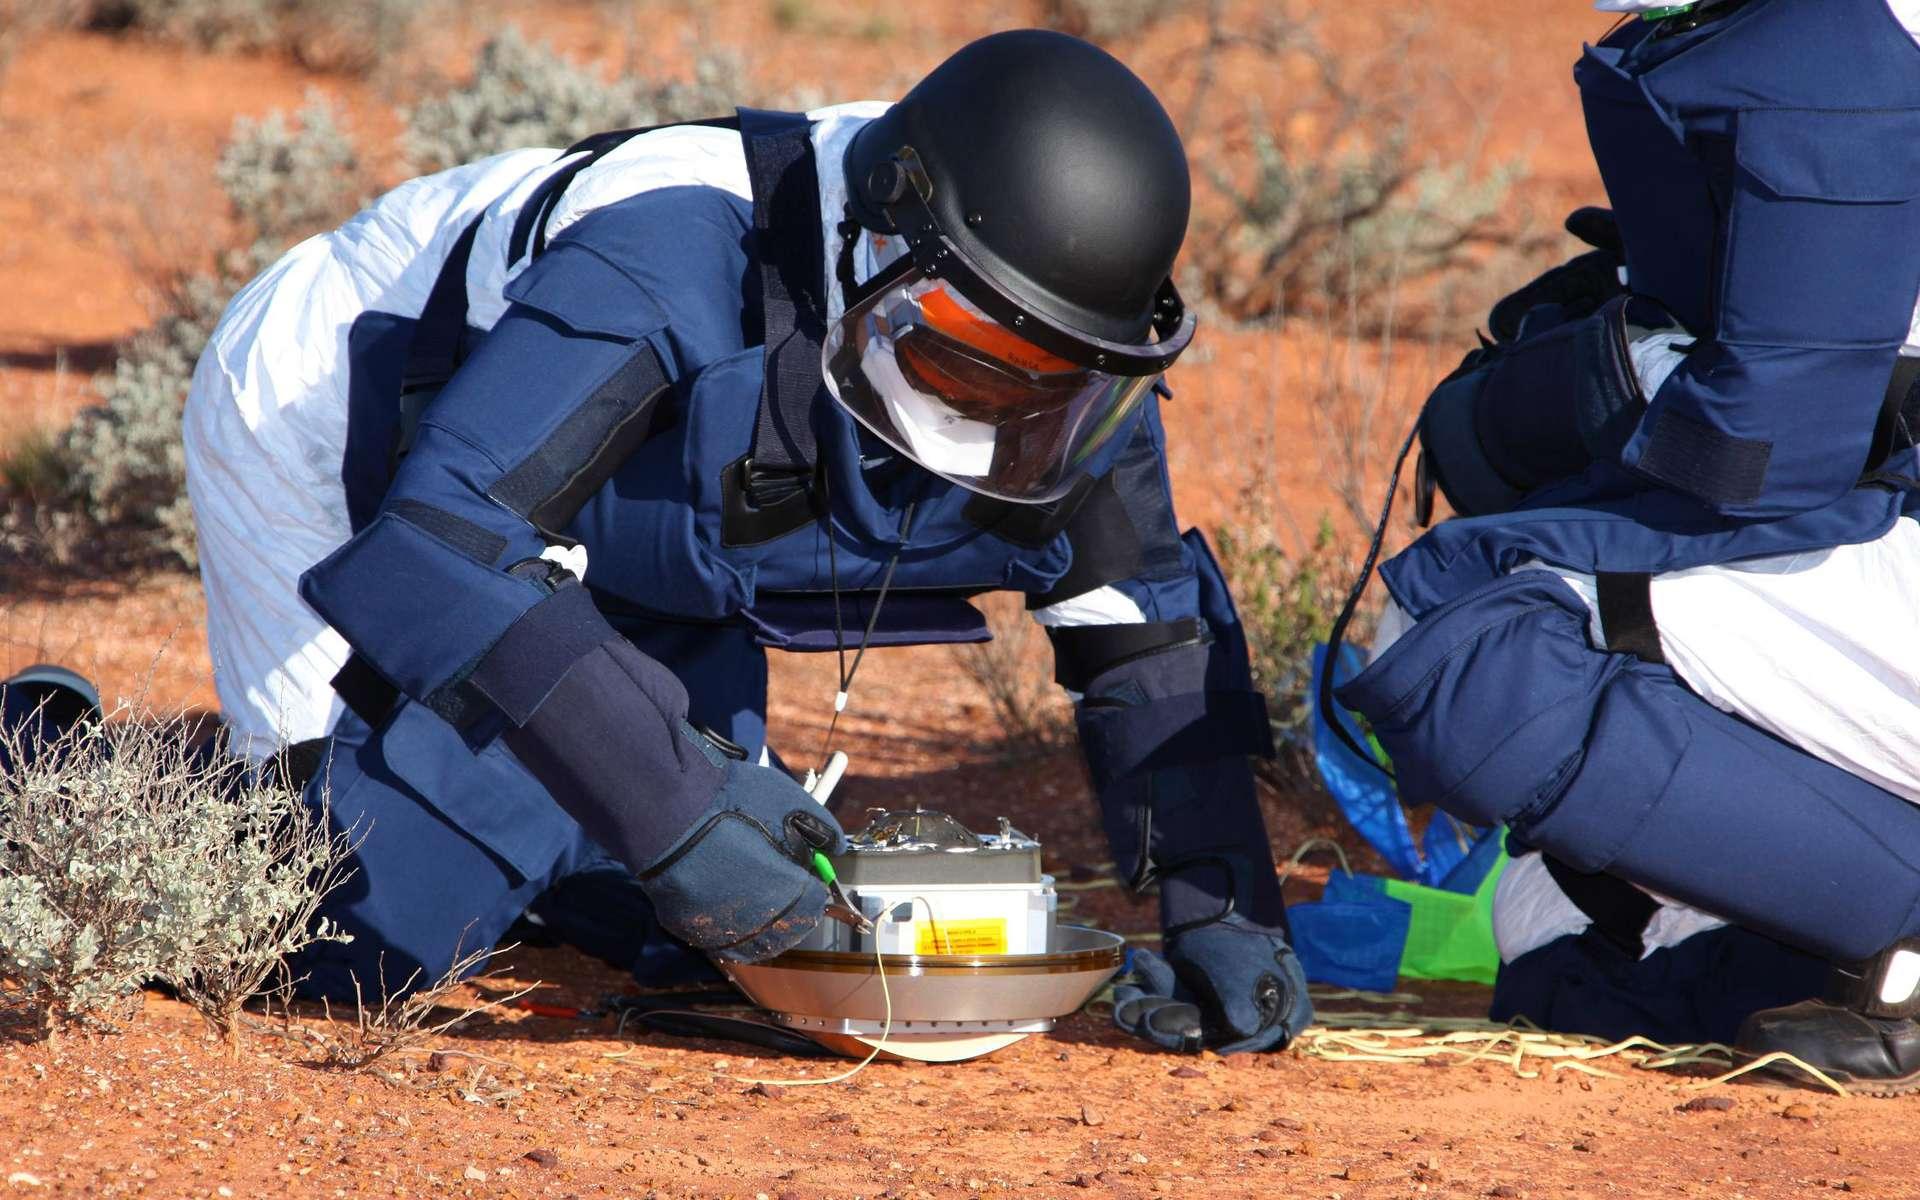 La capsule de Hayabusa a été récupérée dans le désert australien après un périple de 7 ans et 5 milliards de kilomètres ! Elle a été confiée au centre de recherche de Sagamihara (Kanagawa). Crédit Jaxa